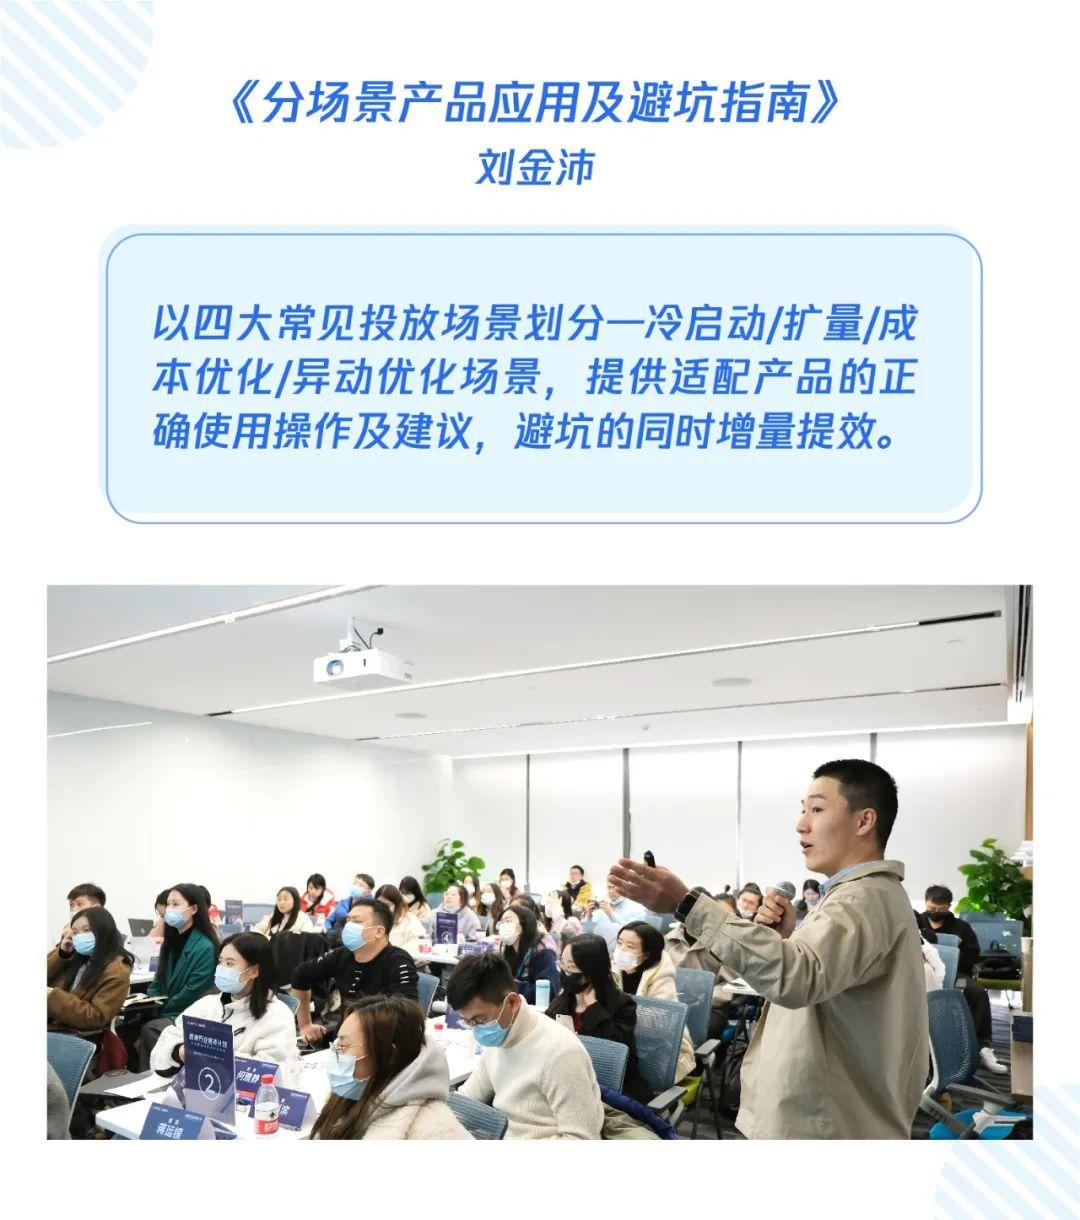 推动区域代理商运营人才进阶,腾讯广告教育行业《育英计划》首期落幕深圳站